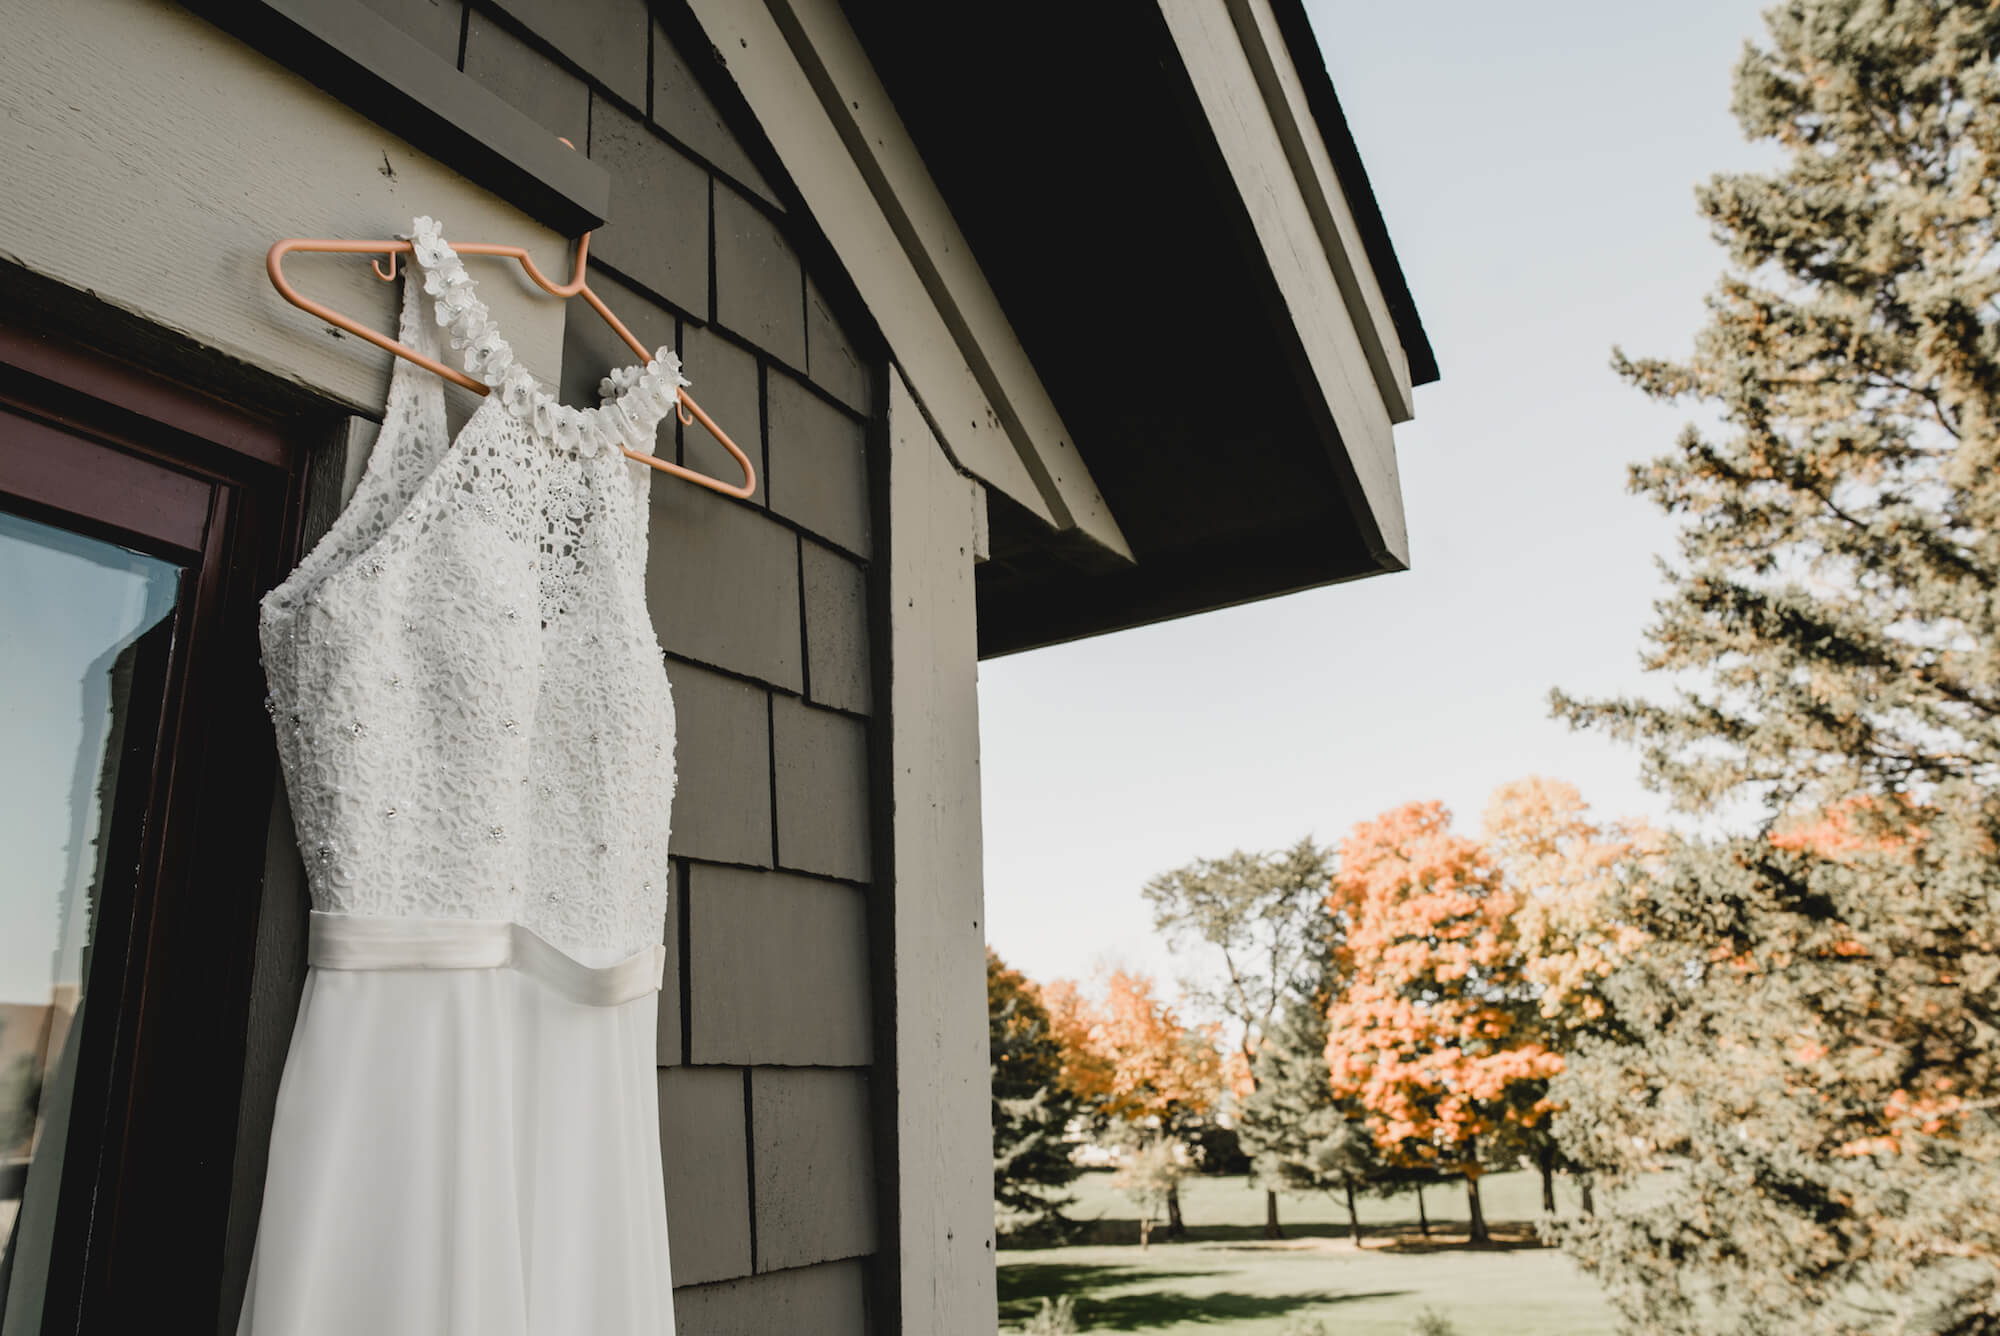 engle-olson-tammy-marc-wedding-2.jpg